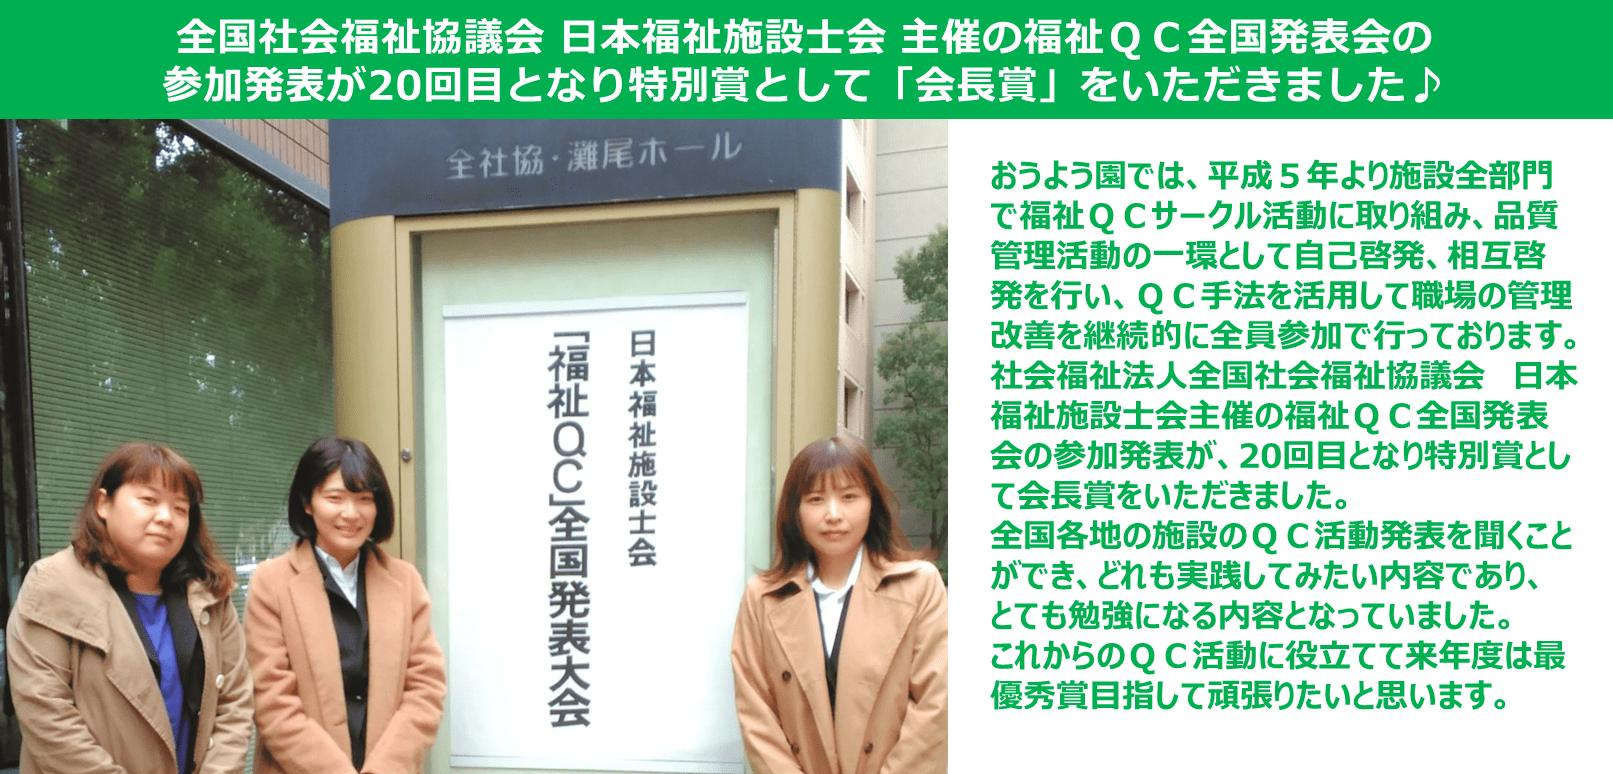 有料老人ホームおうよう園山崎 全国QC